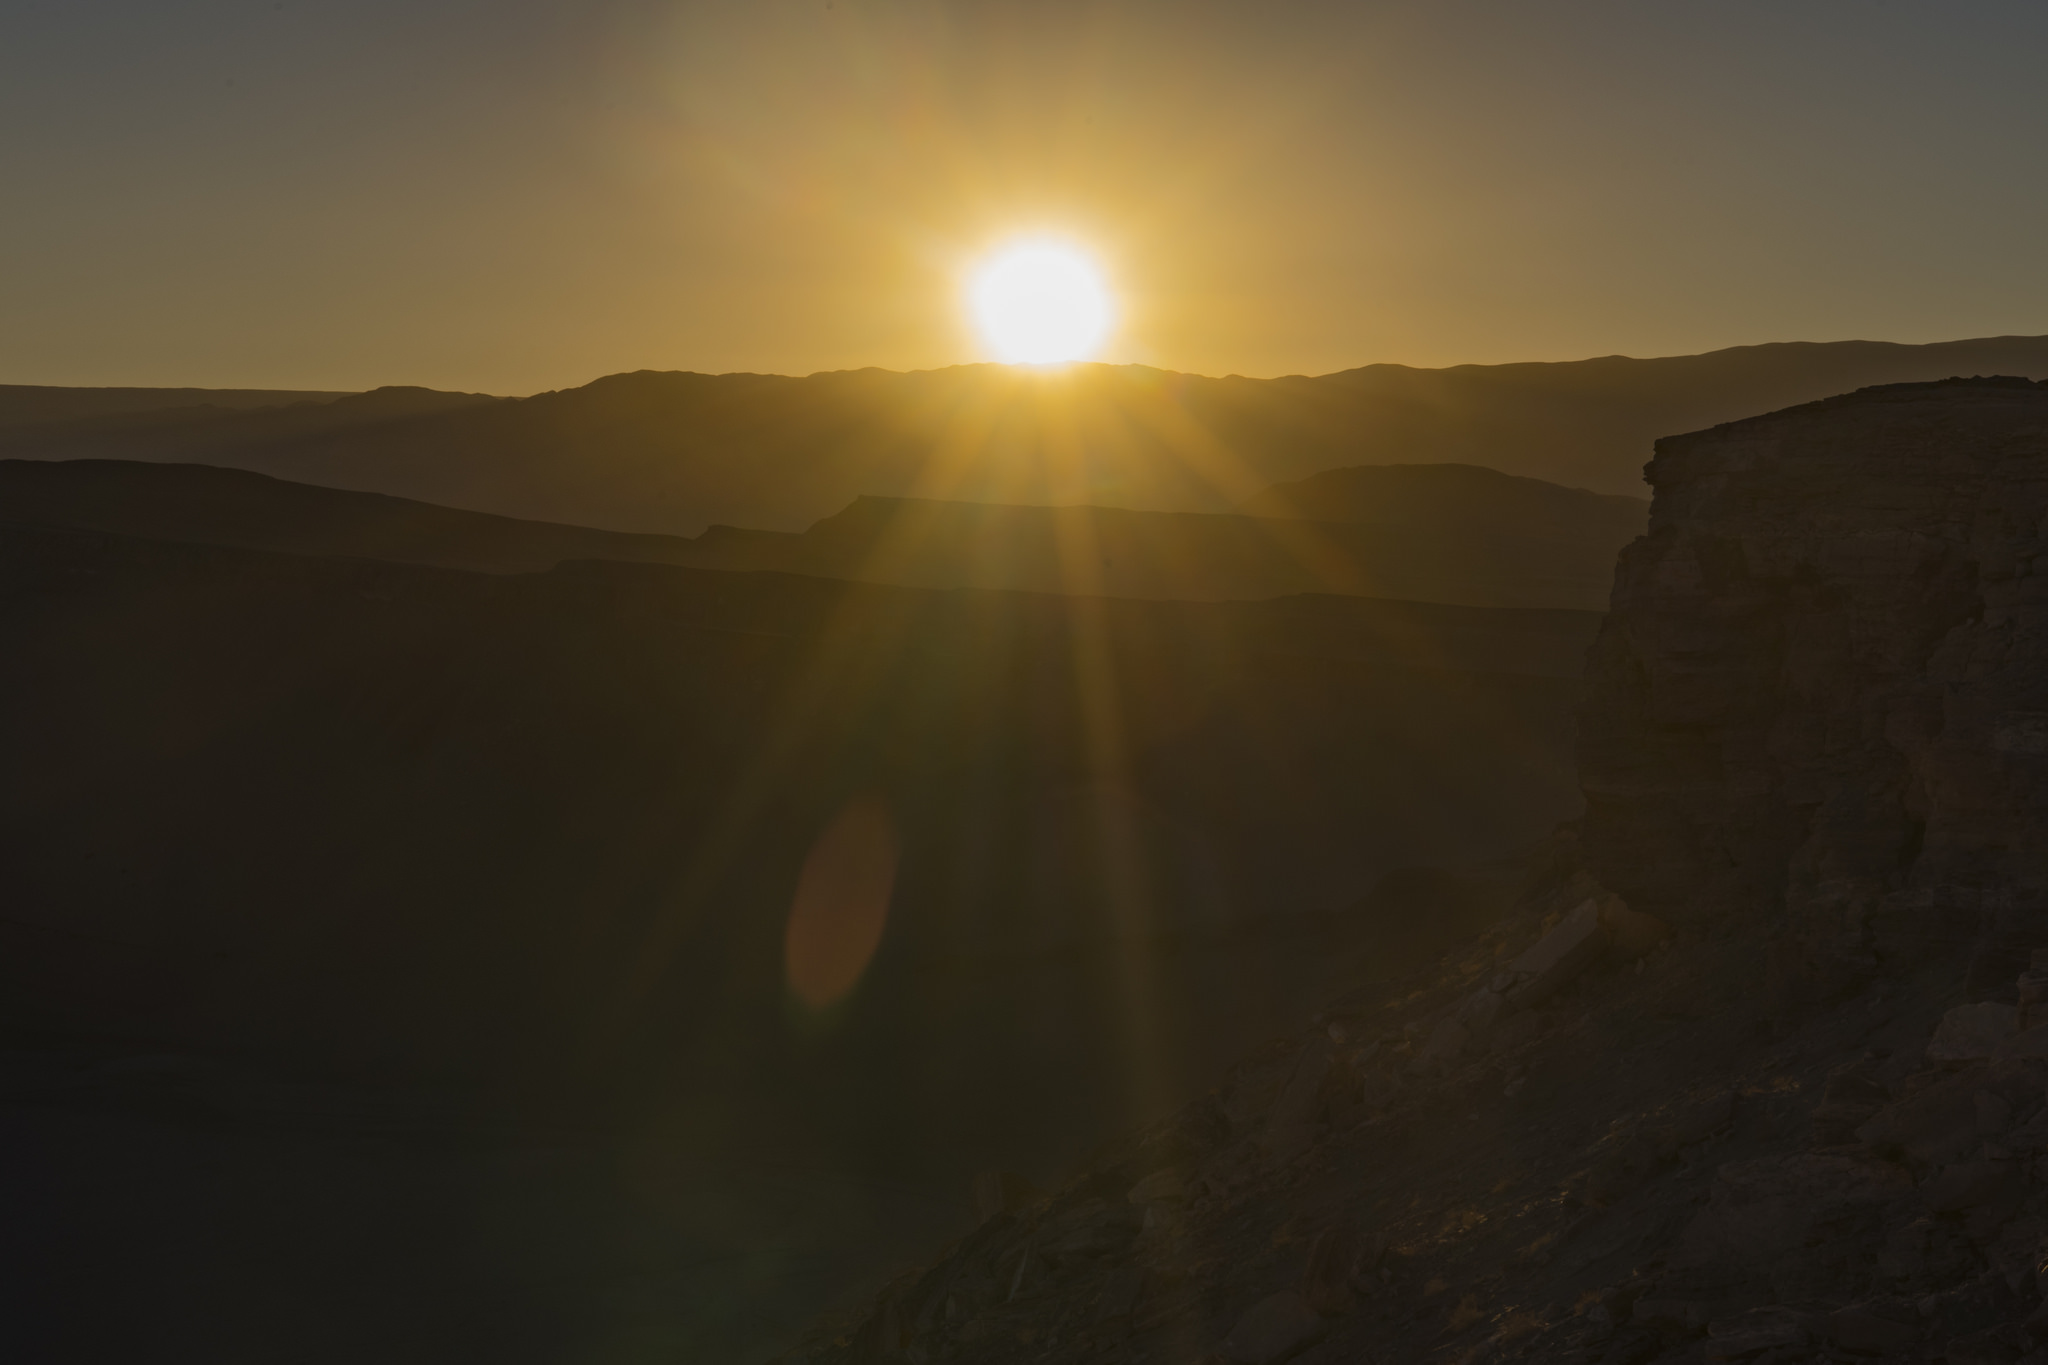 Desert Sunburst - Atacama Desert, Chile